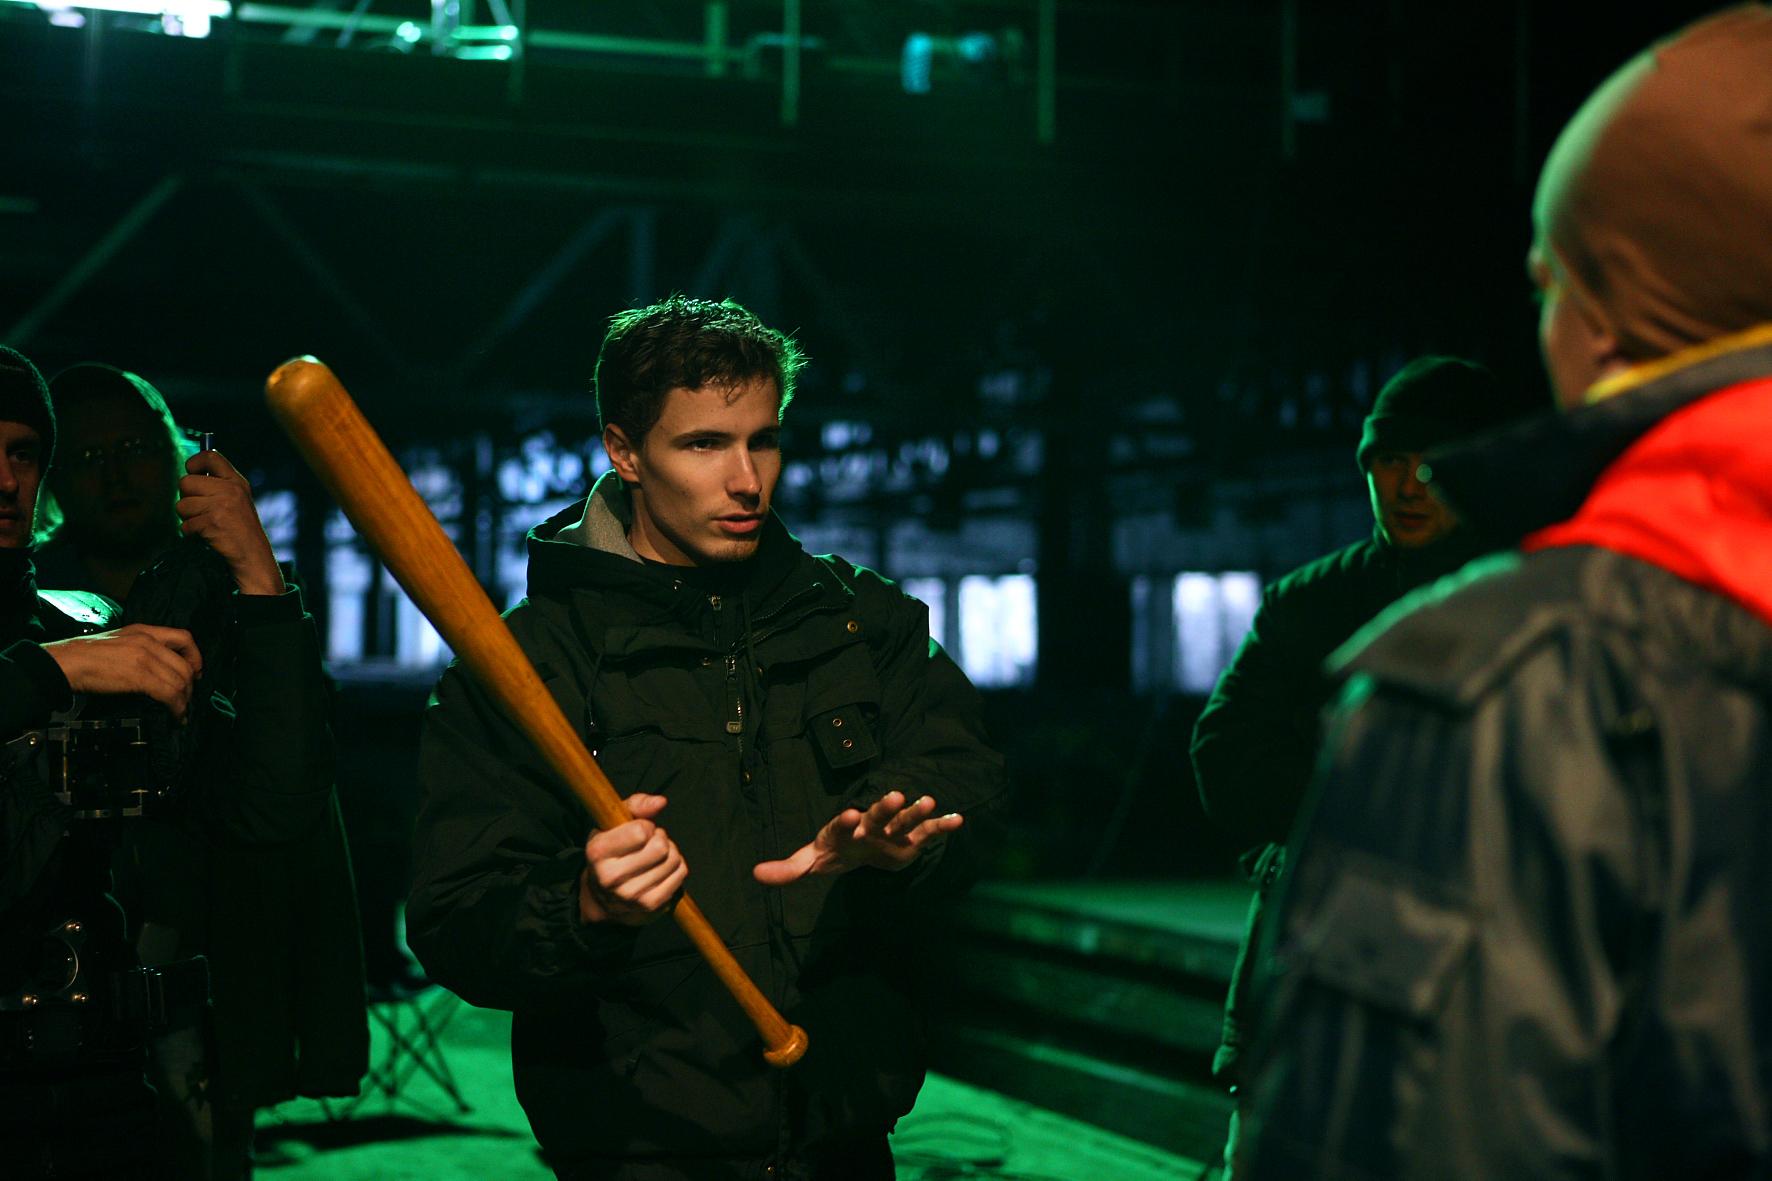 MG Action, Martin Goeres, Stuntkoordinator, Nullpunnkt